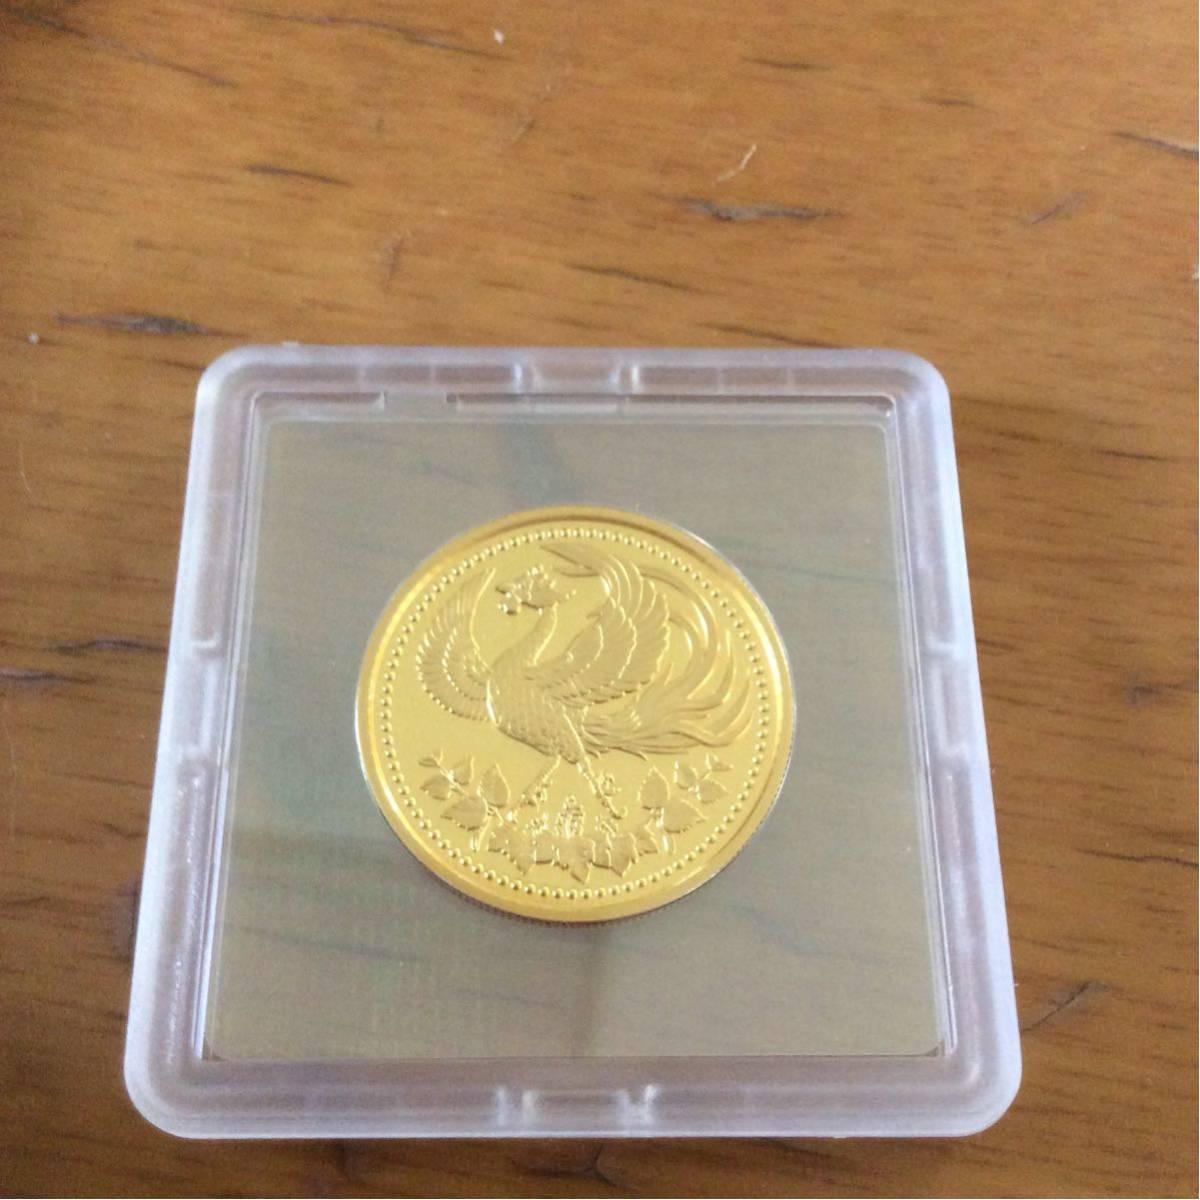 天皇陛下御在位30年記念金貨セットプルーフ貨幣セット一万円記念金貨セット_画像3